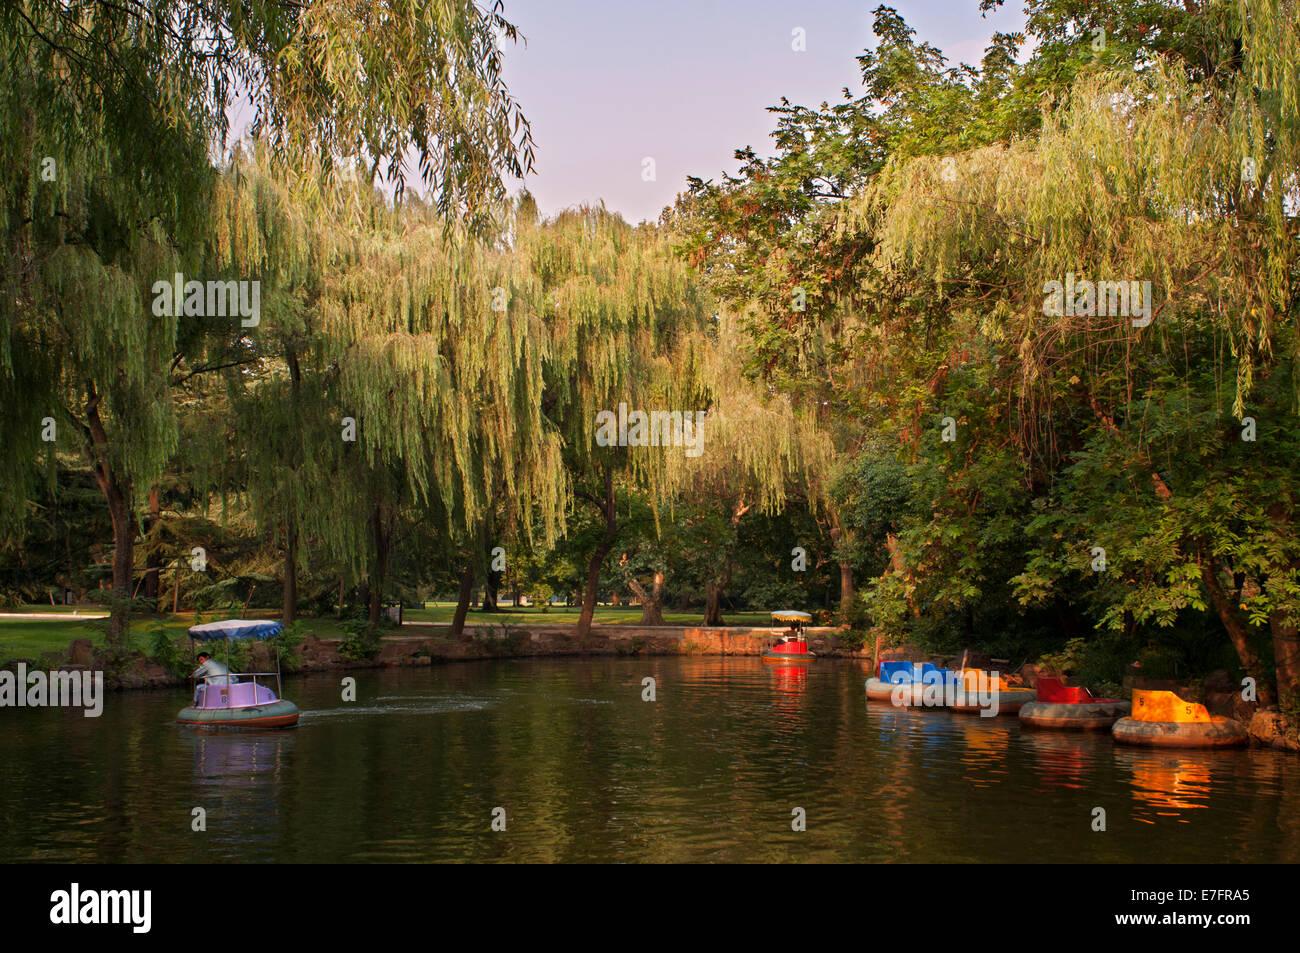 Panda Lake Stock Photos & Panda Lake Stock Images - Alamy